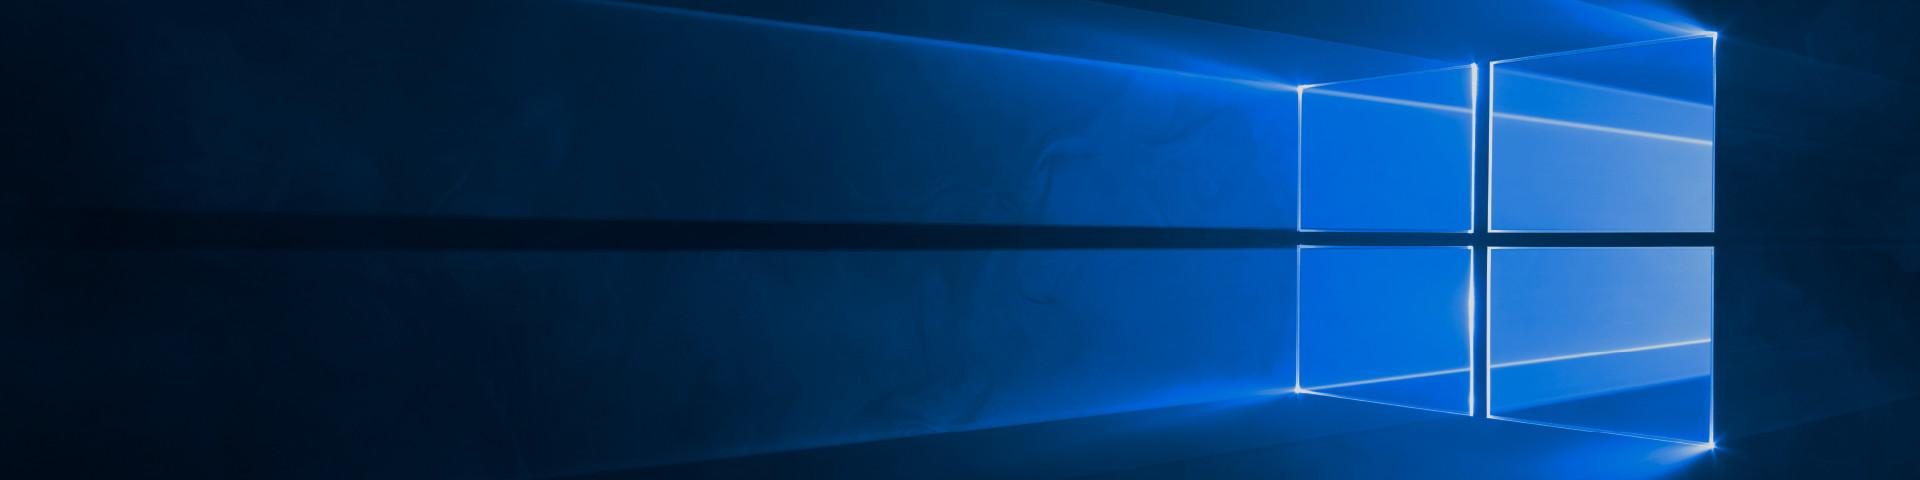 Windows10 est disponible. Téléchargez-le gratuitement.*